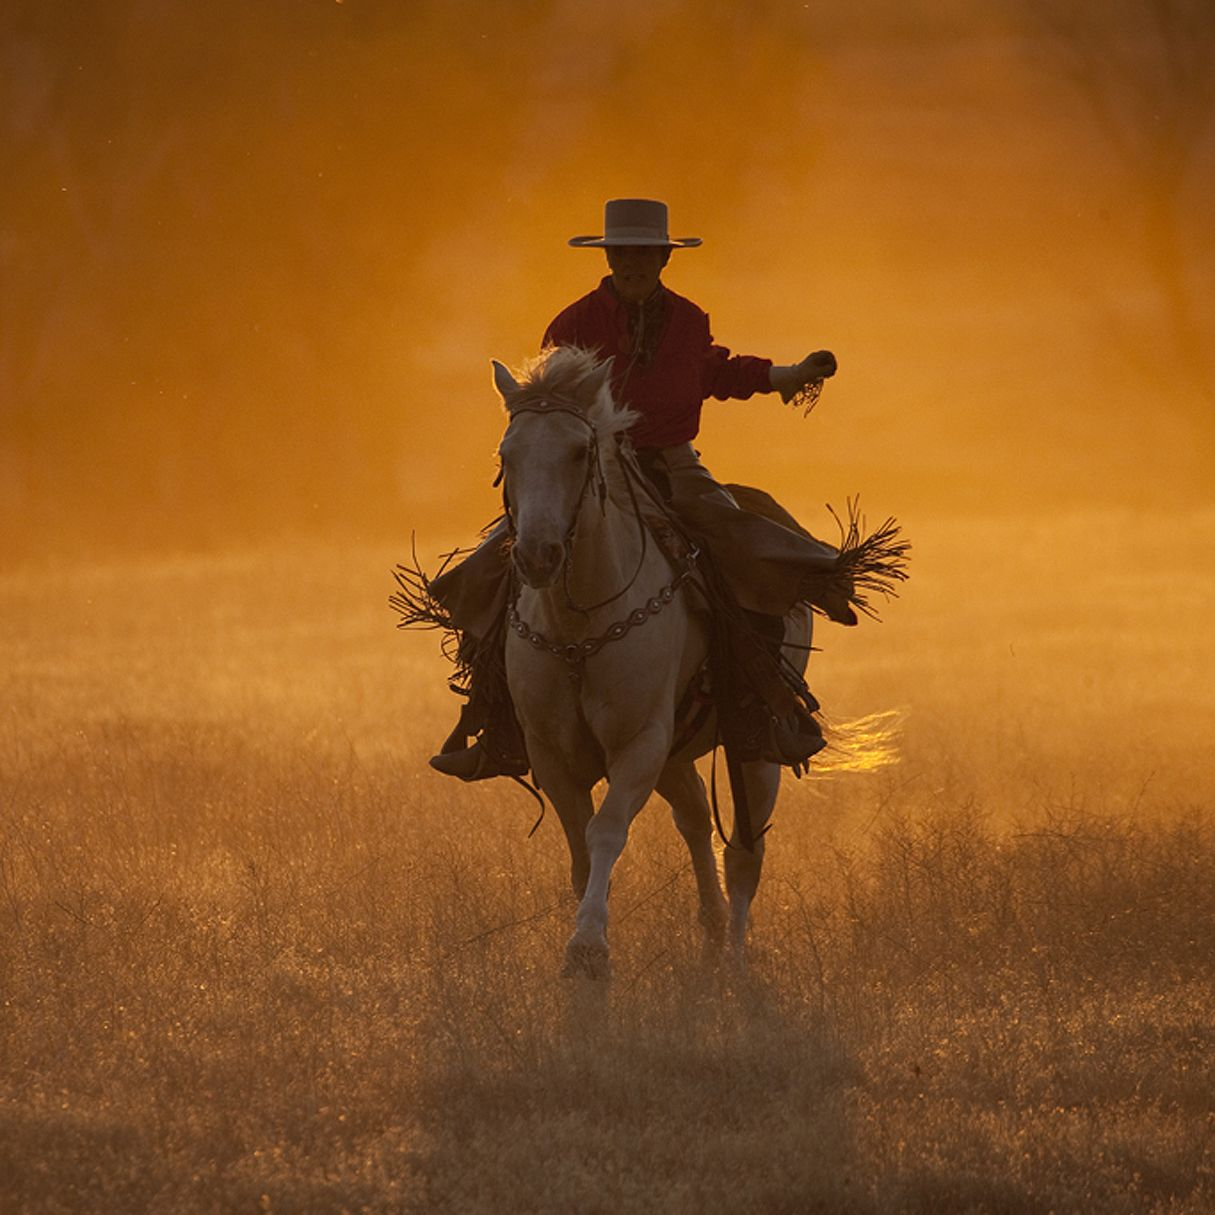 живые фото с ковбоями это время